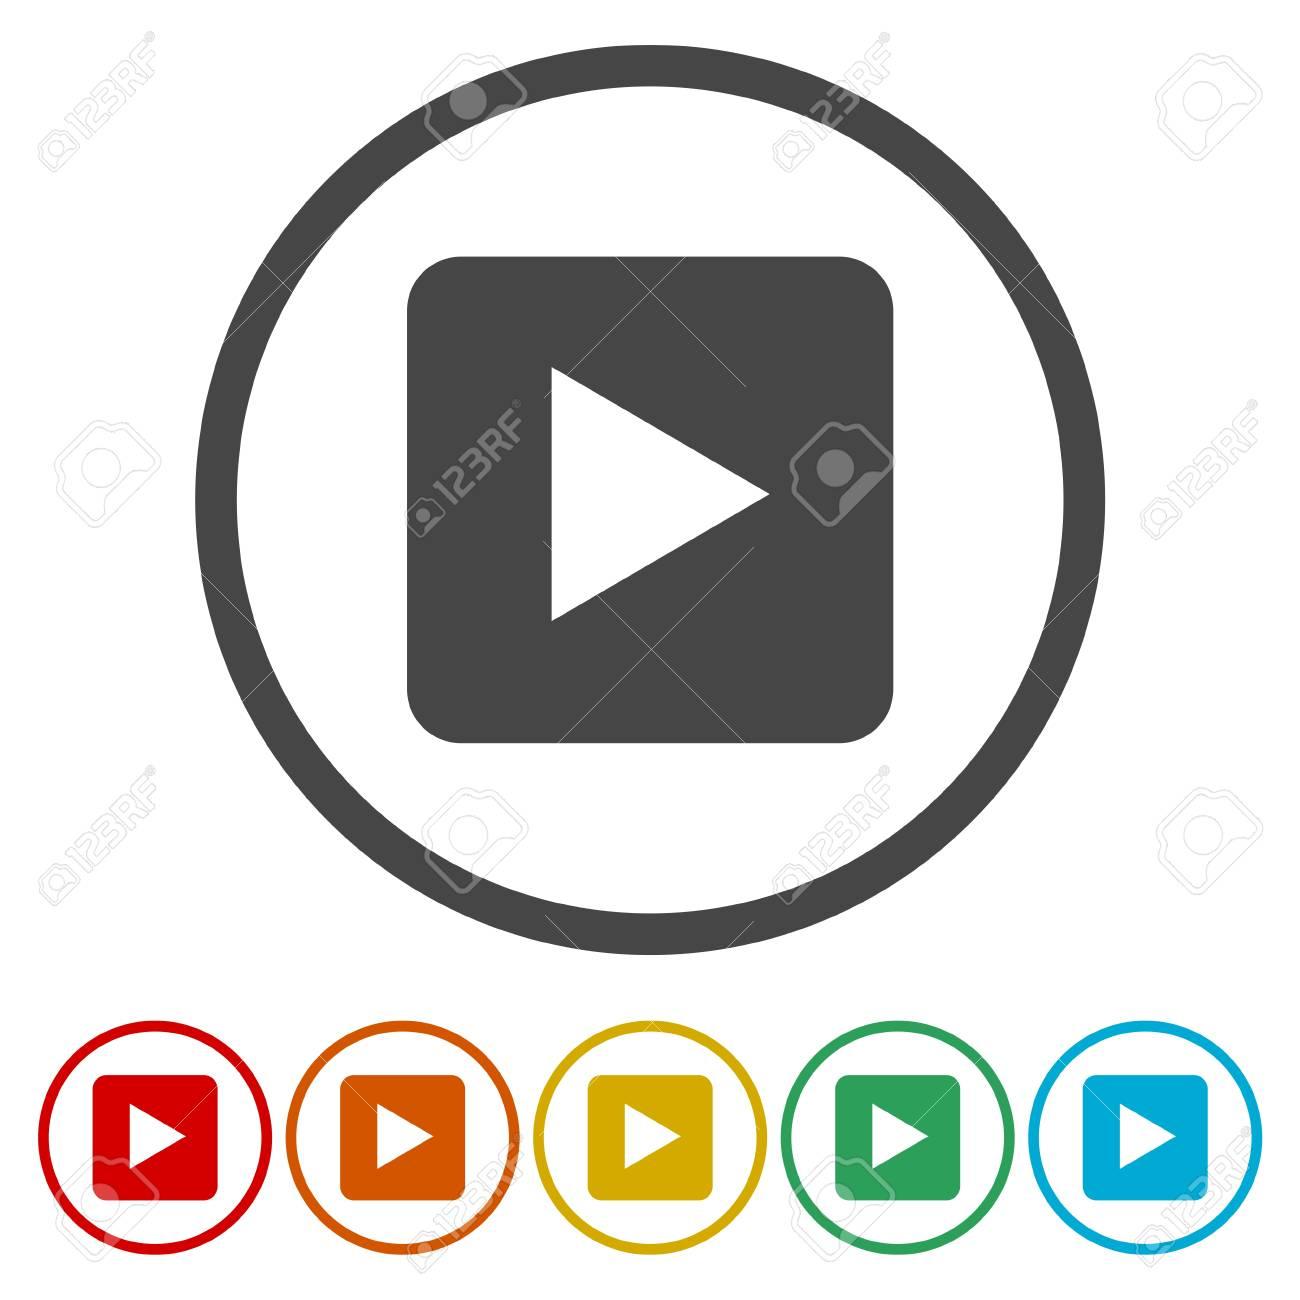 fce93ca334 Botón Reproducir Vídeo Ilustraciones Vectoriales, Clip Art ...